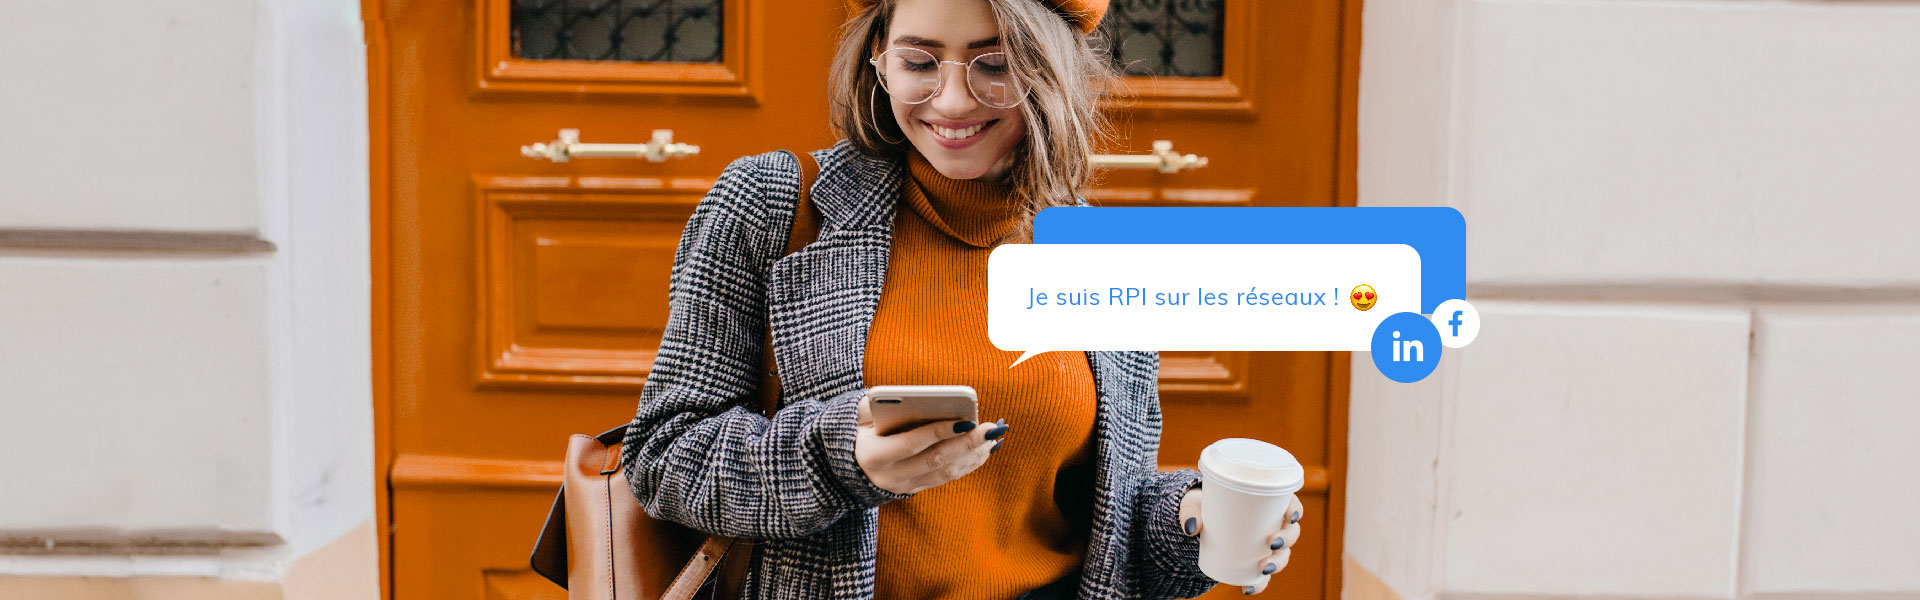 Les réseaux sociaux RPI